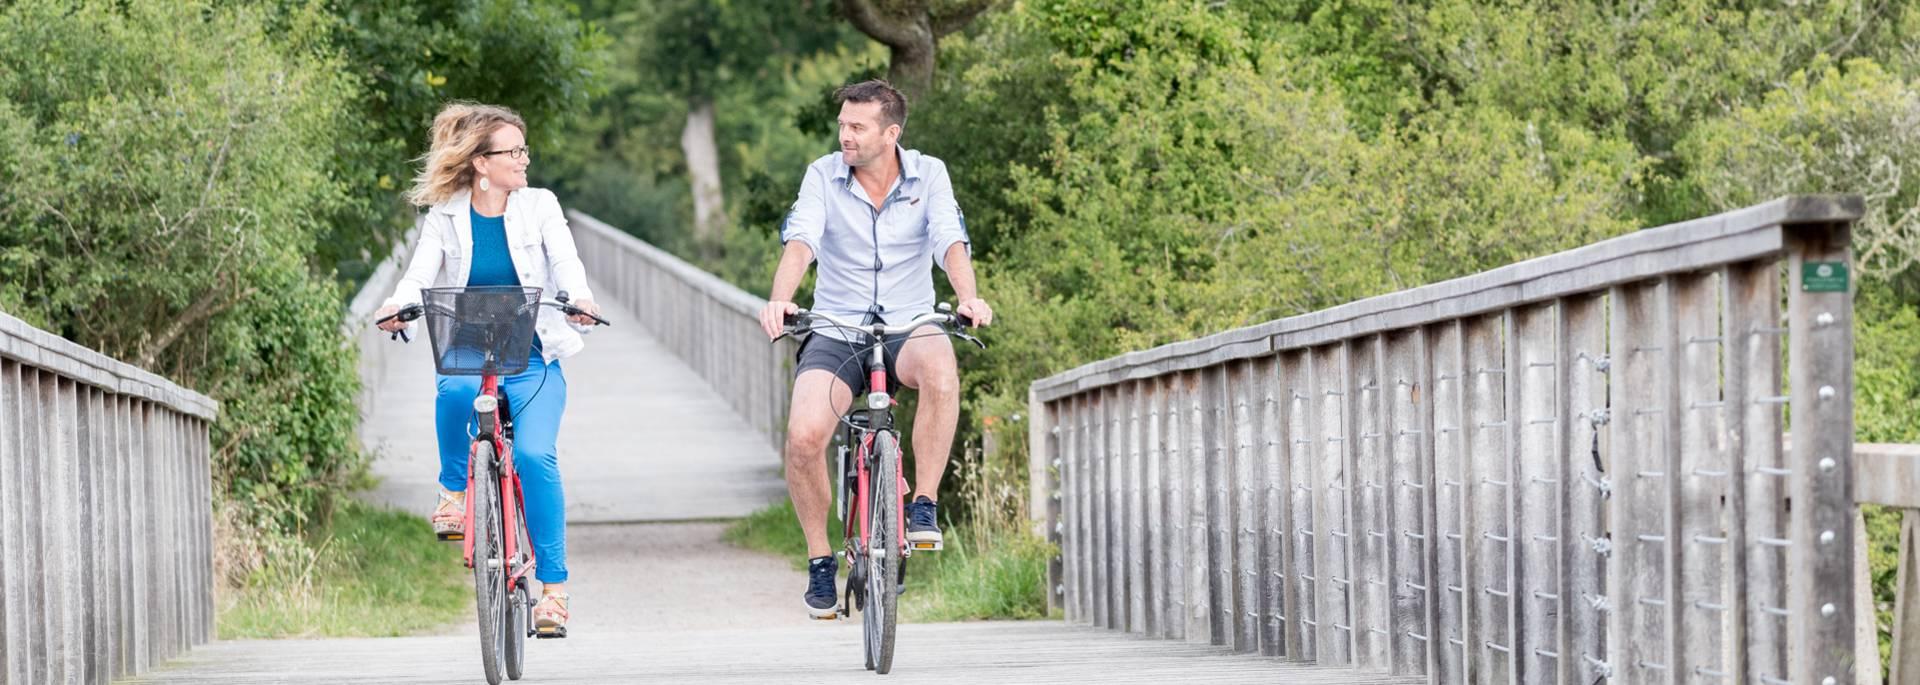 À vélo en amoureux